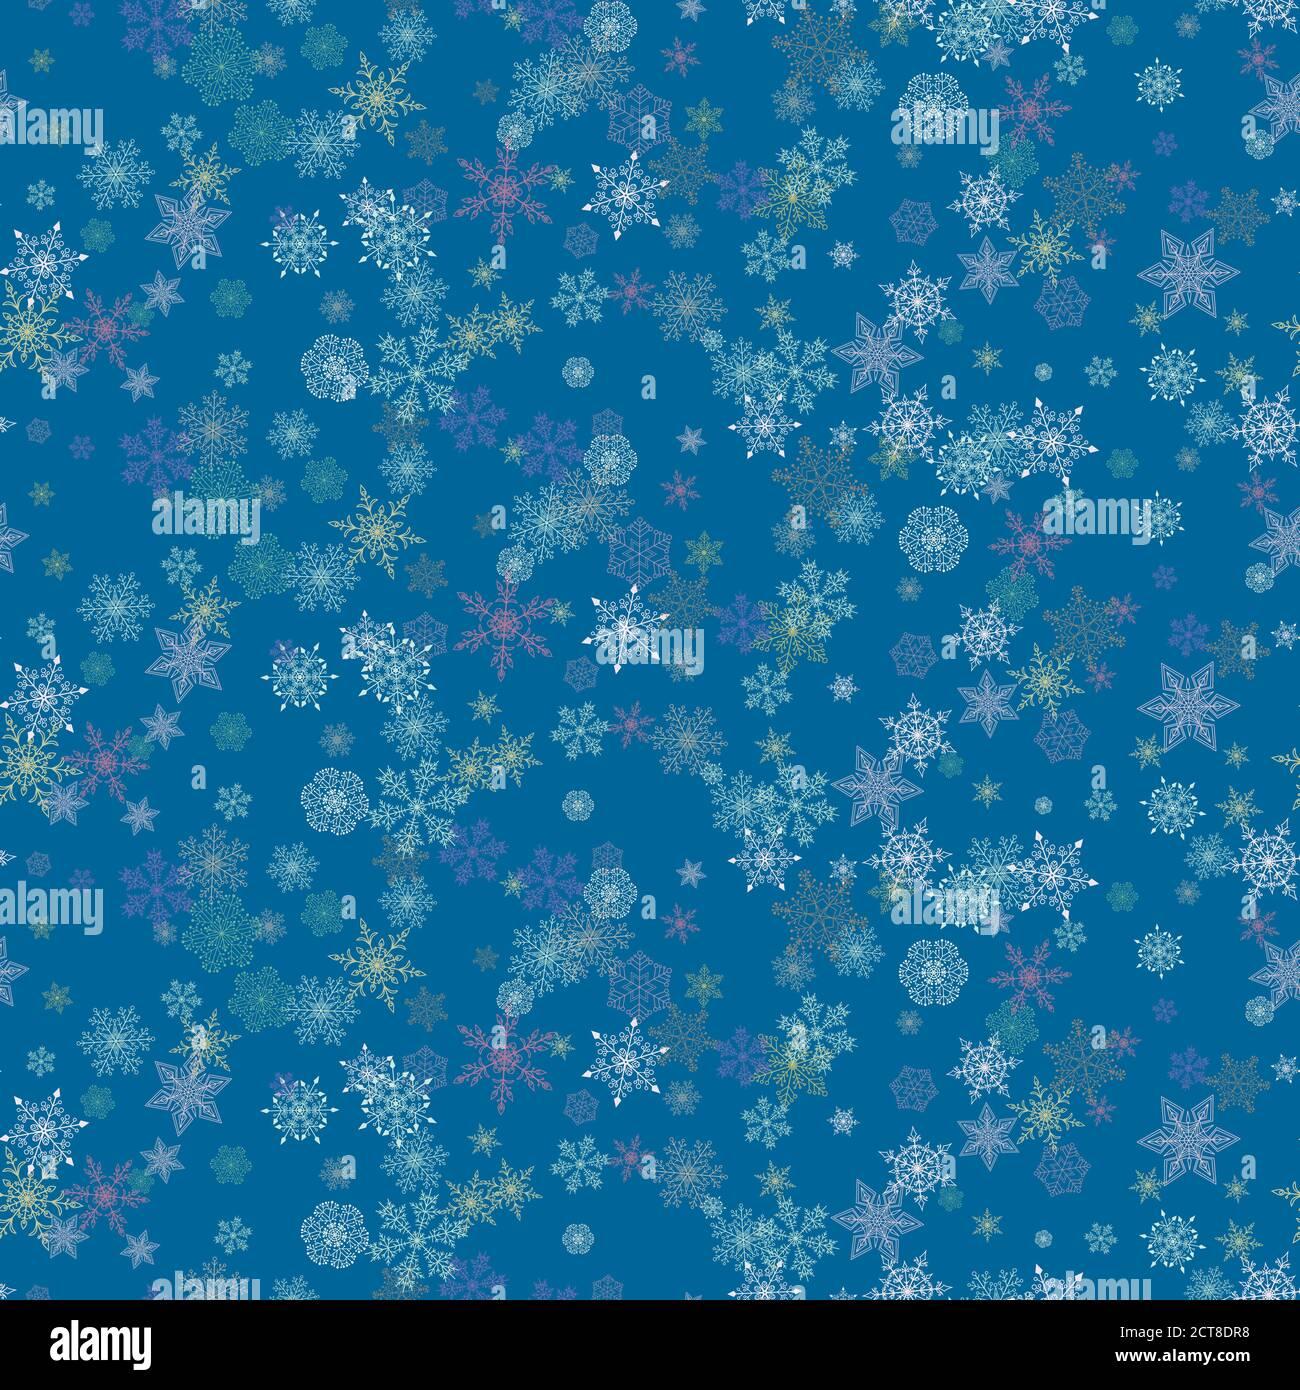 Hermoso fondo de Navidad sin costuras con varios complejos copos de nieve de colores brillantes en azul. Diseño plano moderno. Fondo de pantalla de vacaciones. Invierno infini Ilustración del Vector